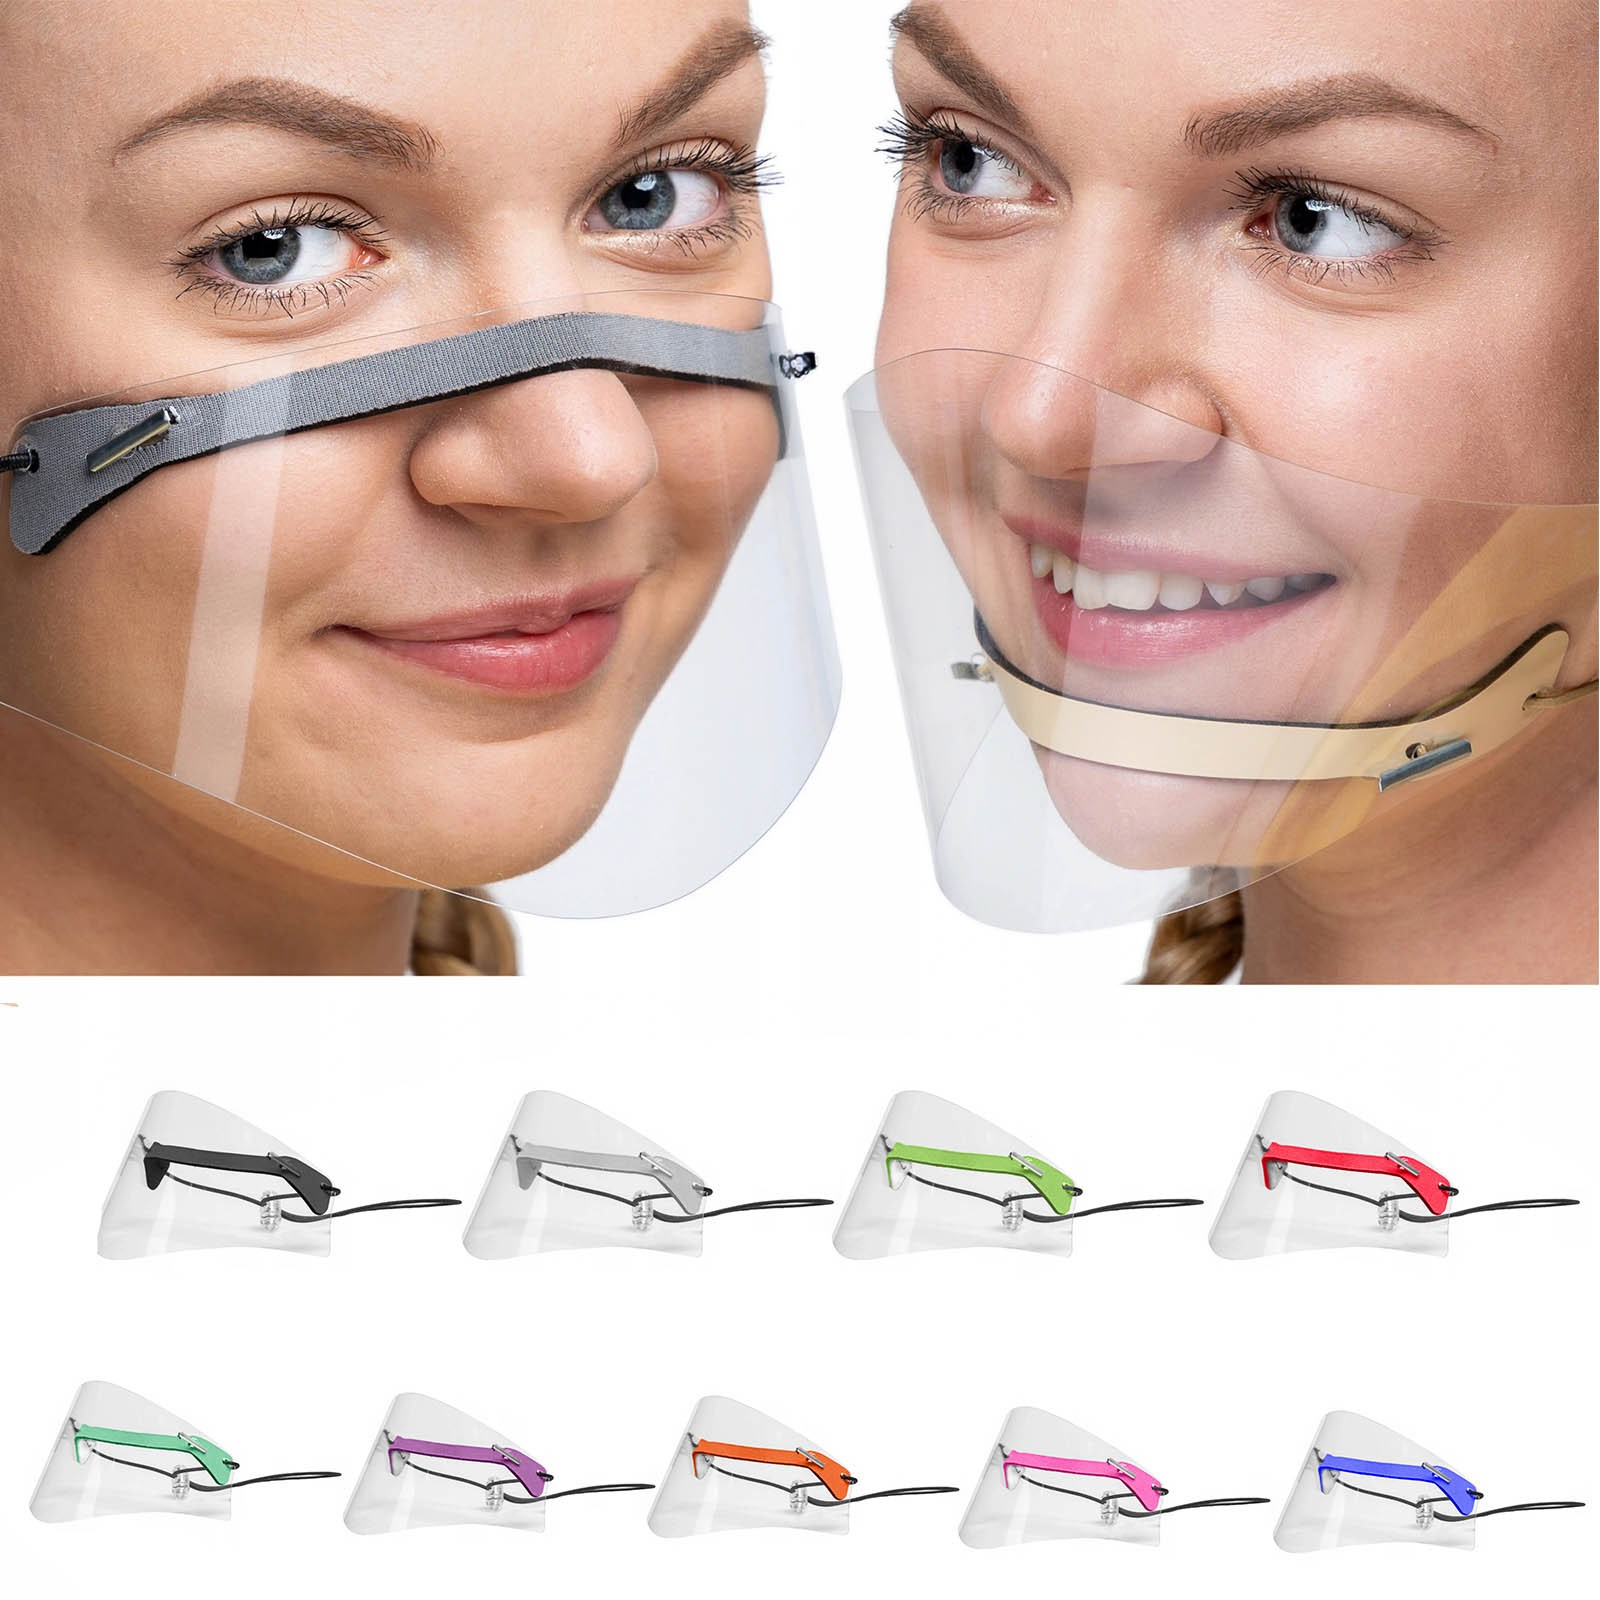 Моющиеся Многоразовые взрослые мини щит Mascarilla Facemask прозрачные ПВХ визуальные Вечерние Маски Крышка для рта лицевая маска|Маски для вечеринки|   | АлиЭкспресс - Аксессуары для ношения маски без боли